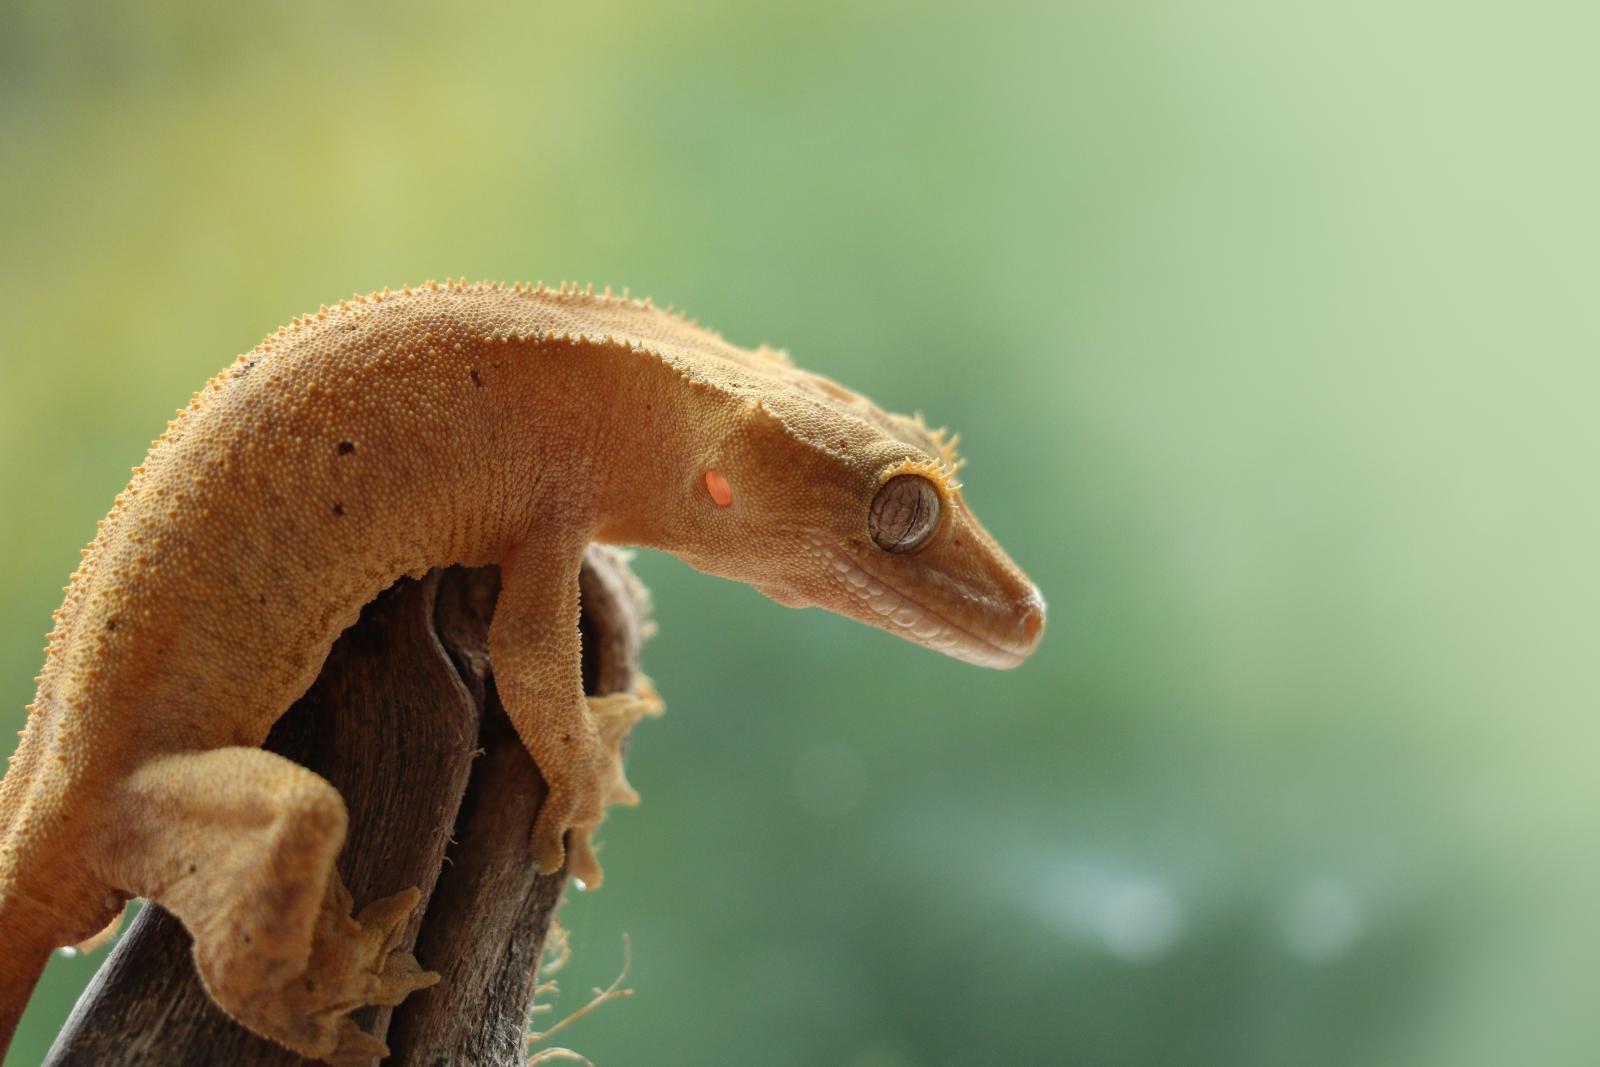 Stejně jako podstavce dronu, členitá chodidla gekona dovolují přichycení na velké množství povrchů